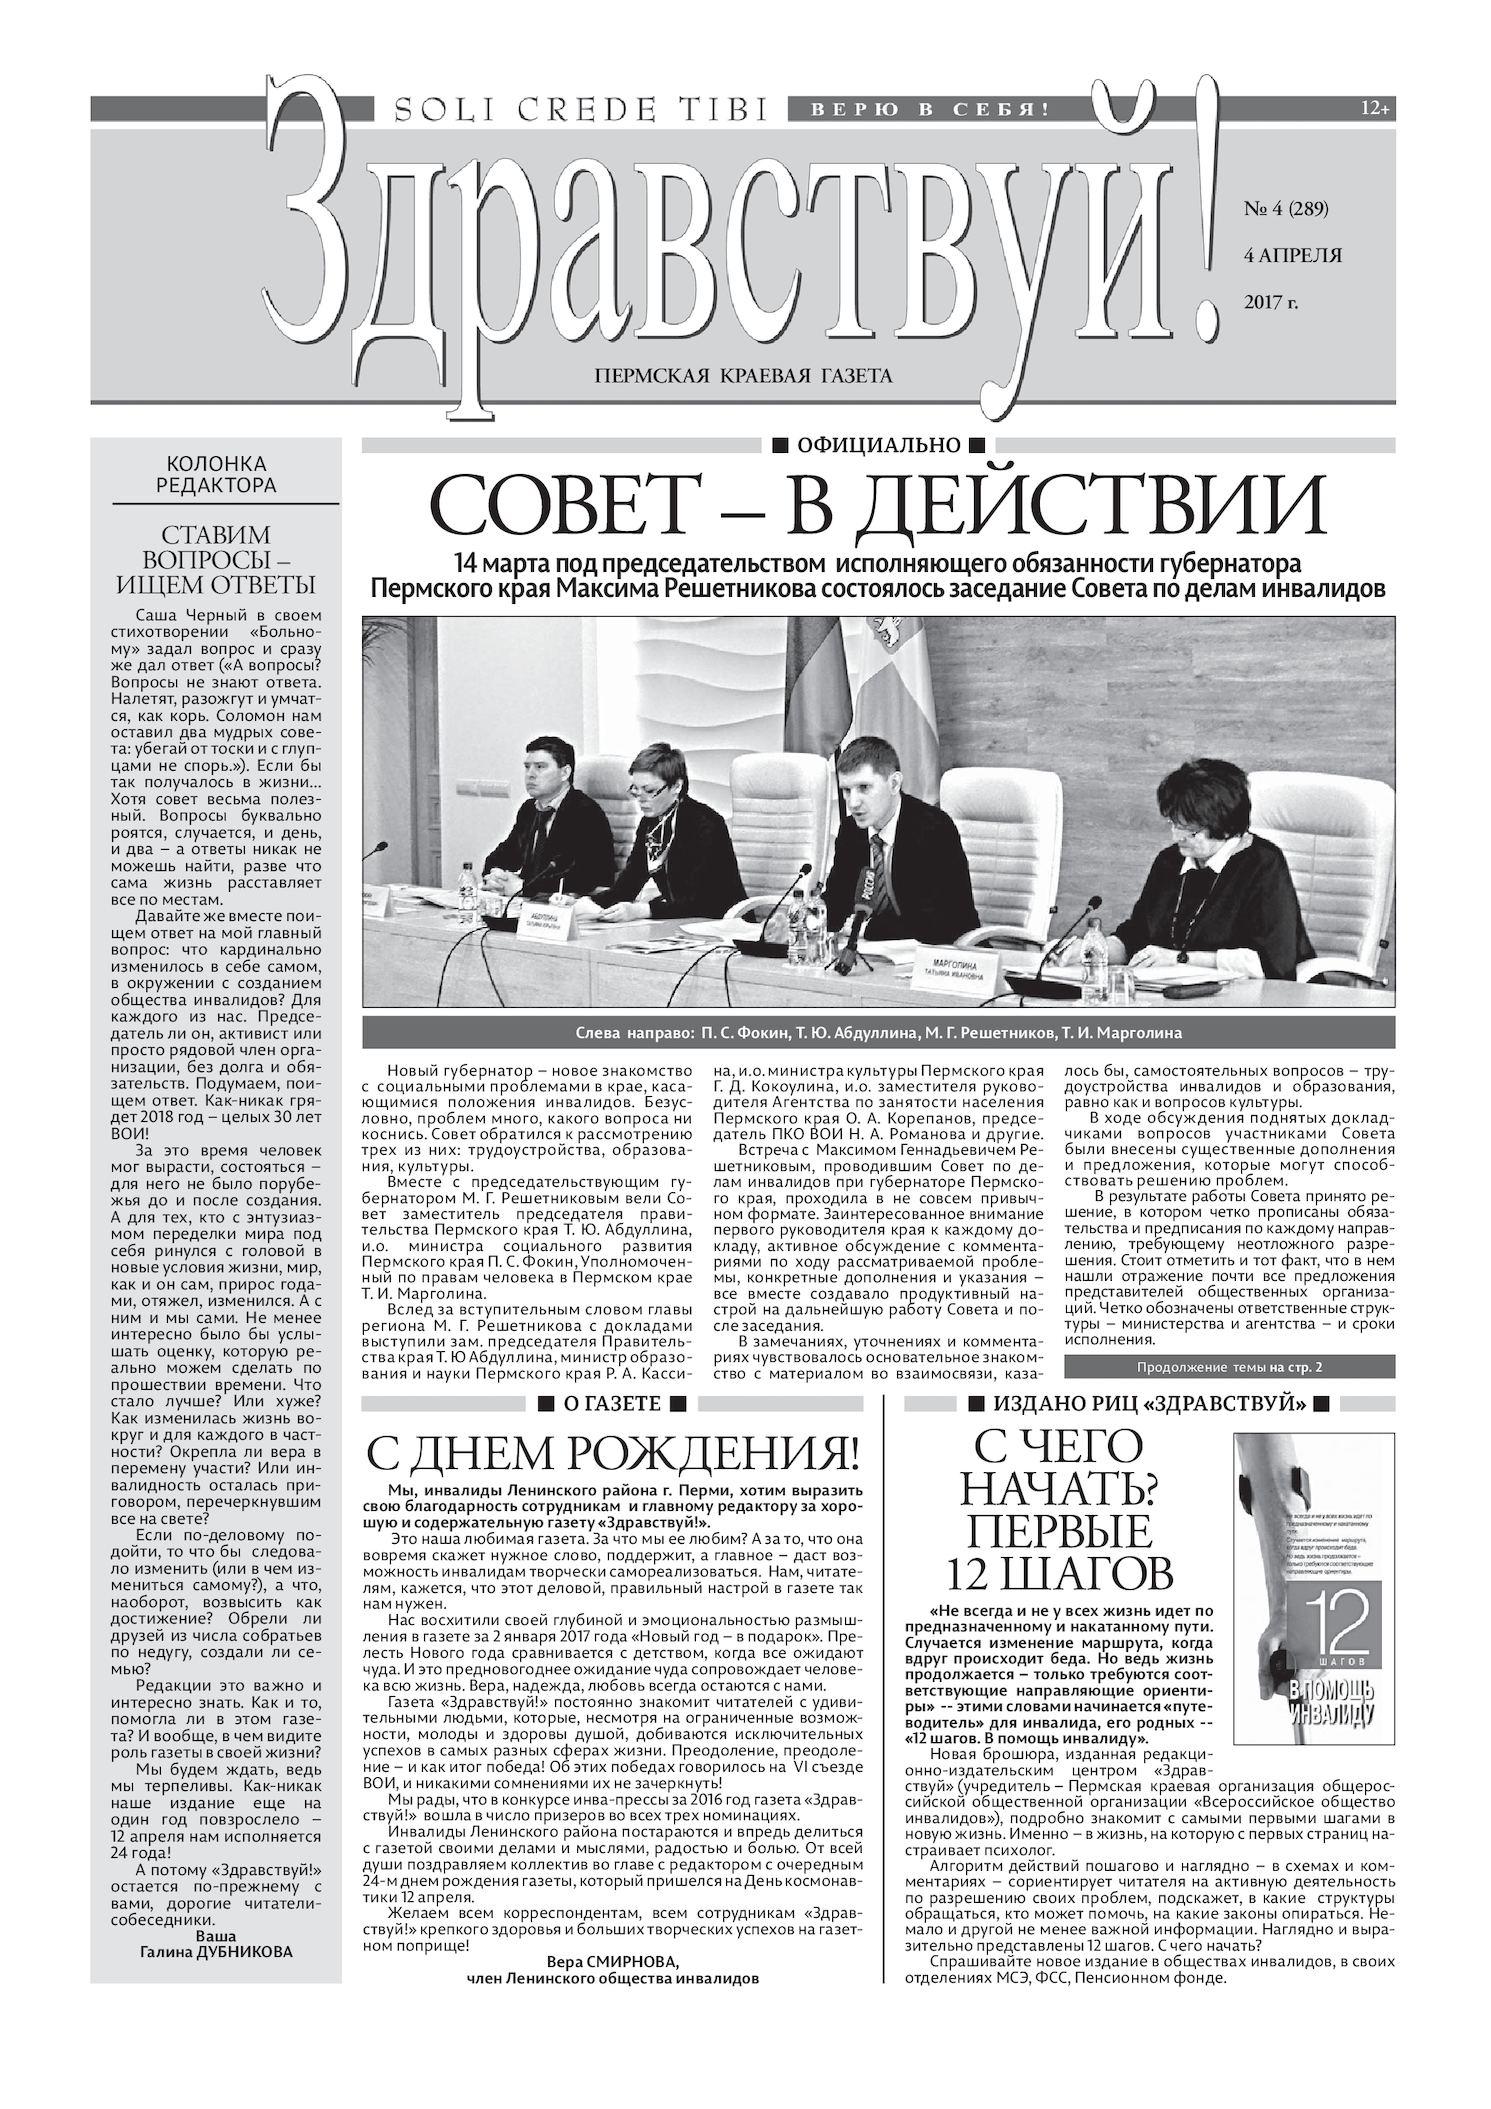 Мраморный крестик Горнозаводск, Пермская обл. памятник подешевле Владыкино (14 линия)